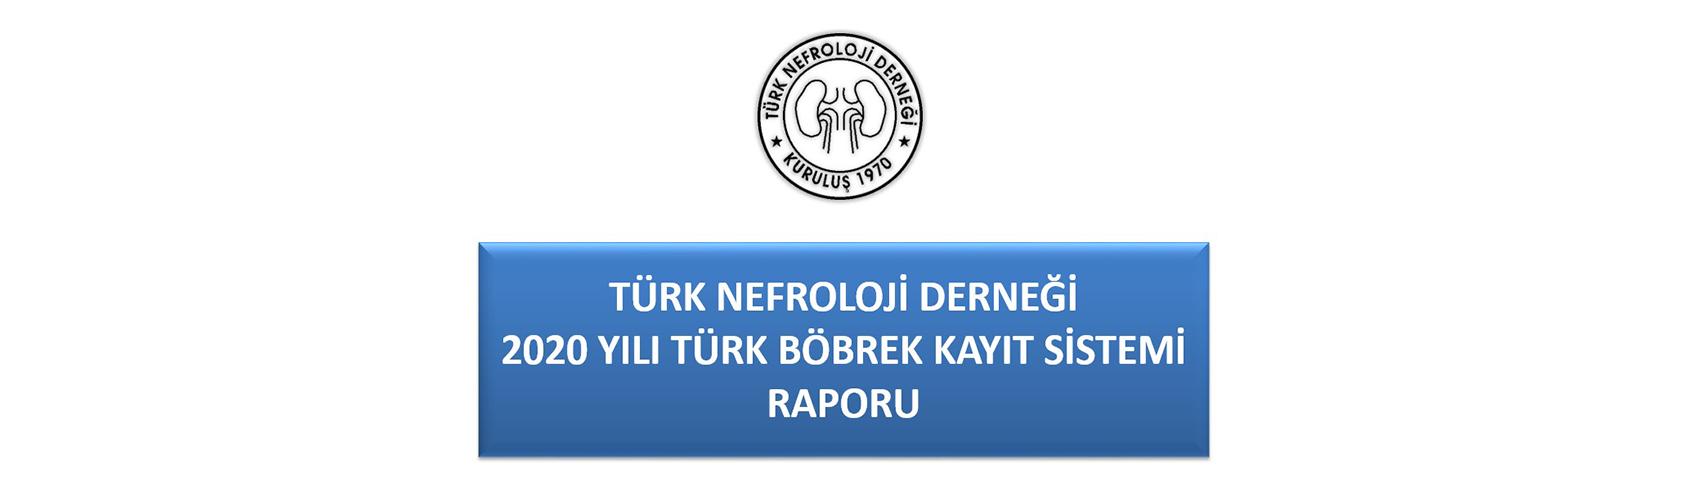 Türk Nefroloji Derneği Slide: TND Ulusal Kayıt Sistemi 2020 yılı verileri sunulmuştur